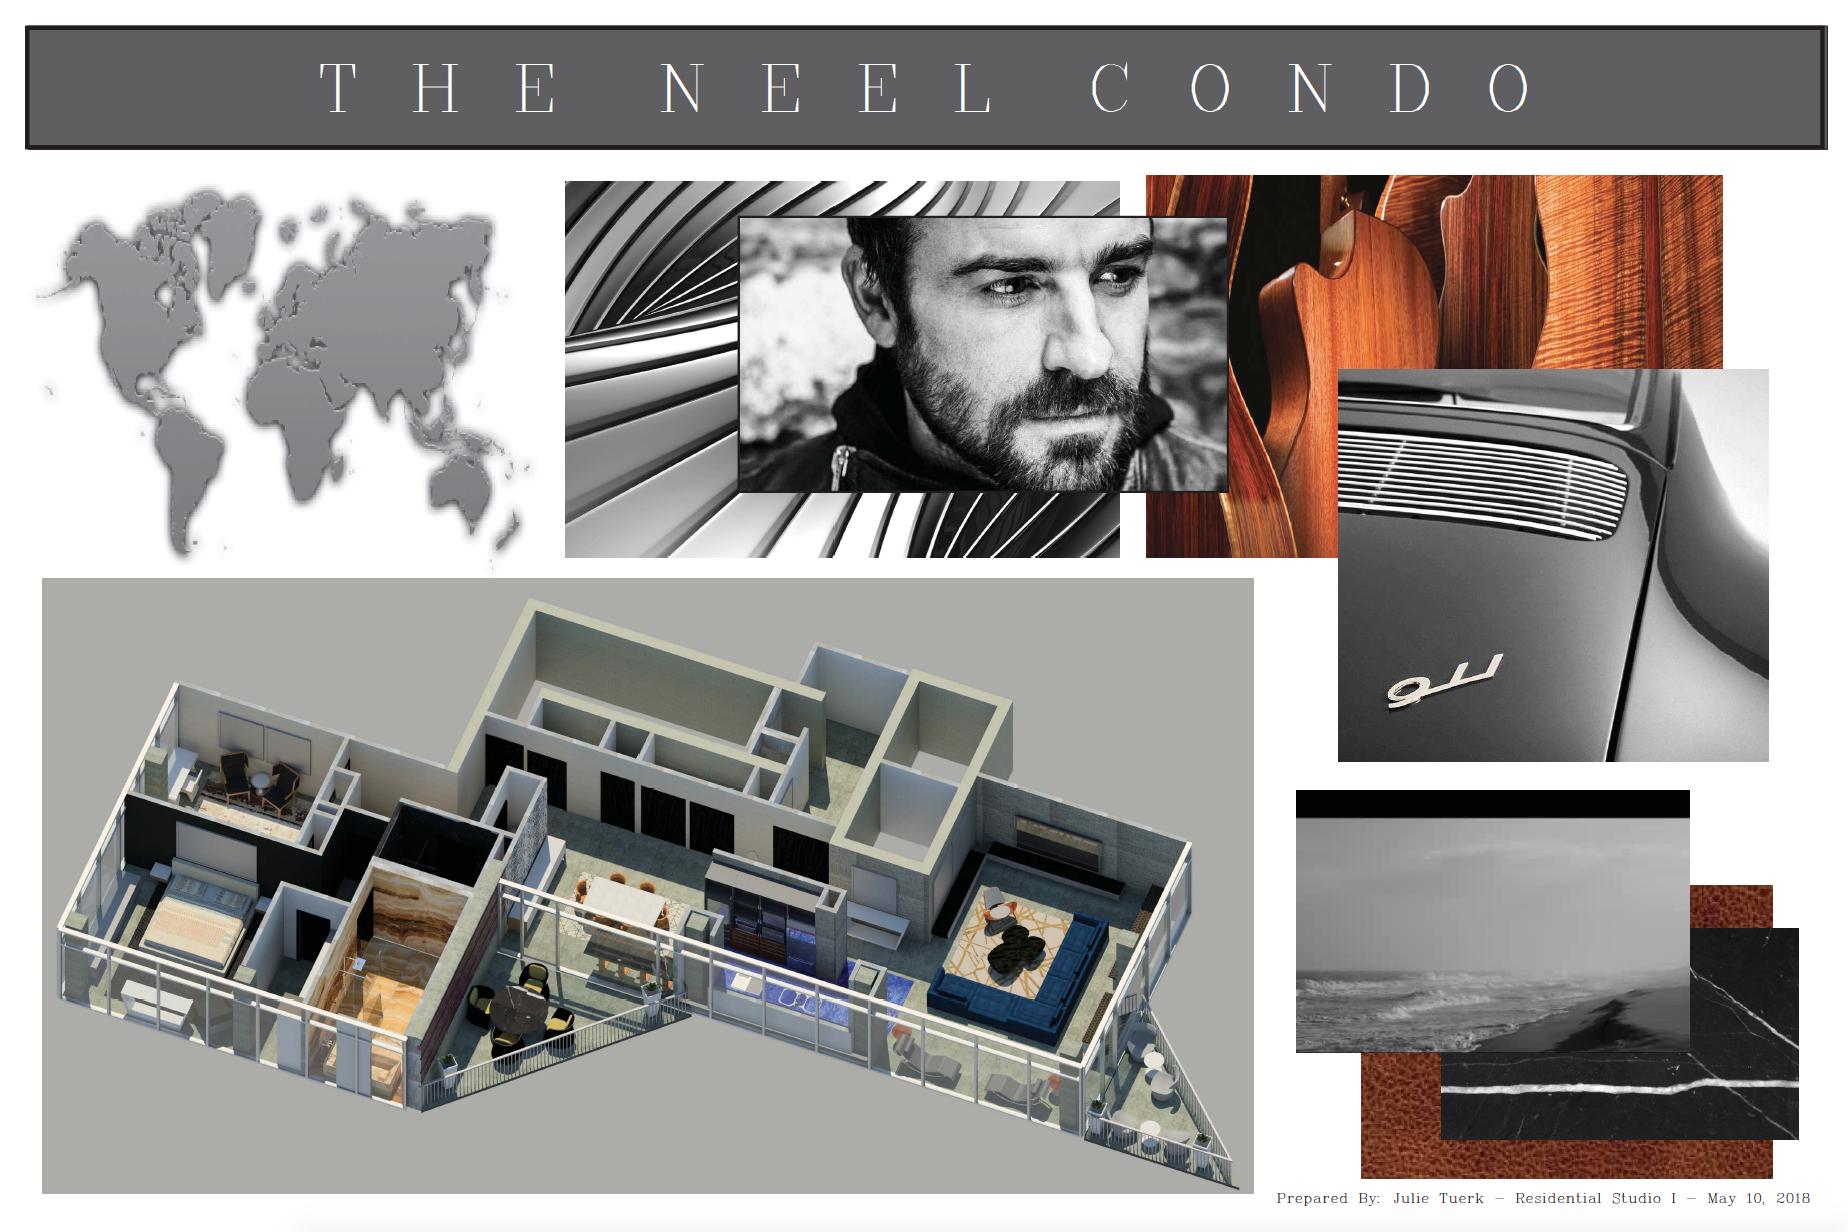 Neel Condo